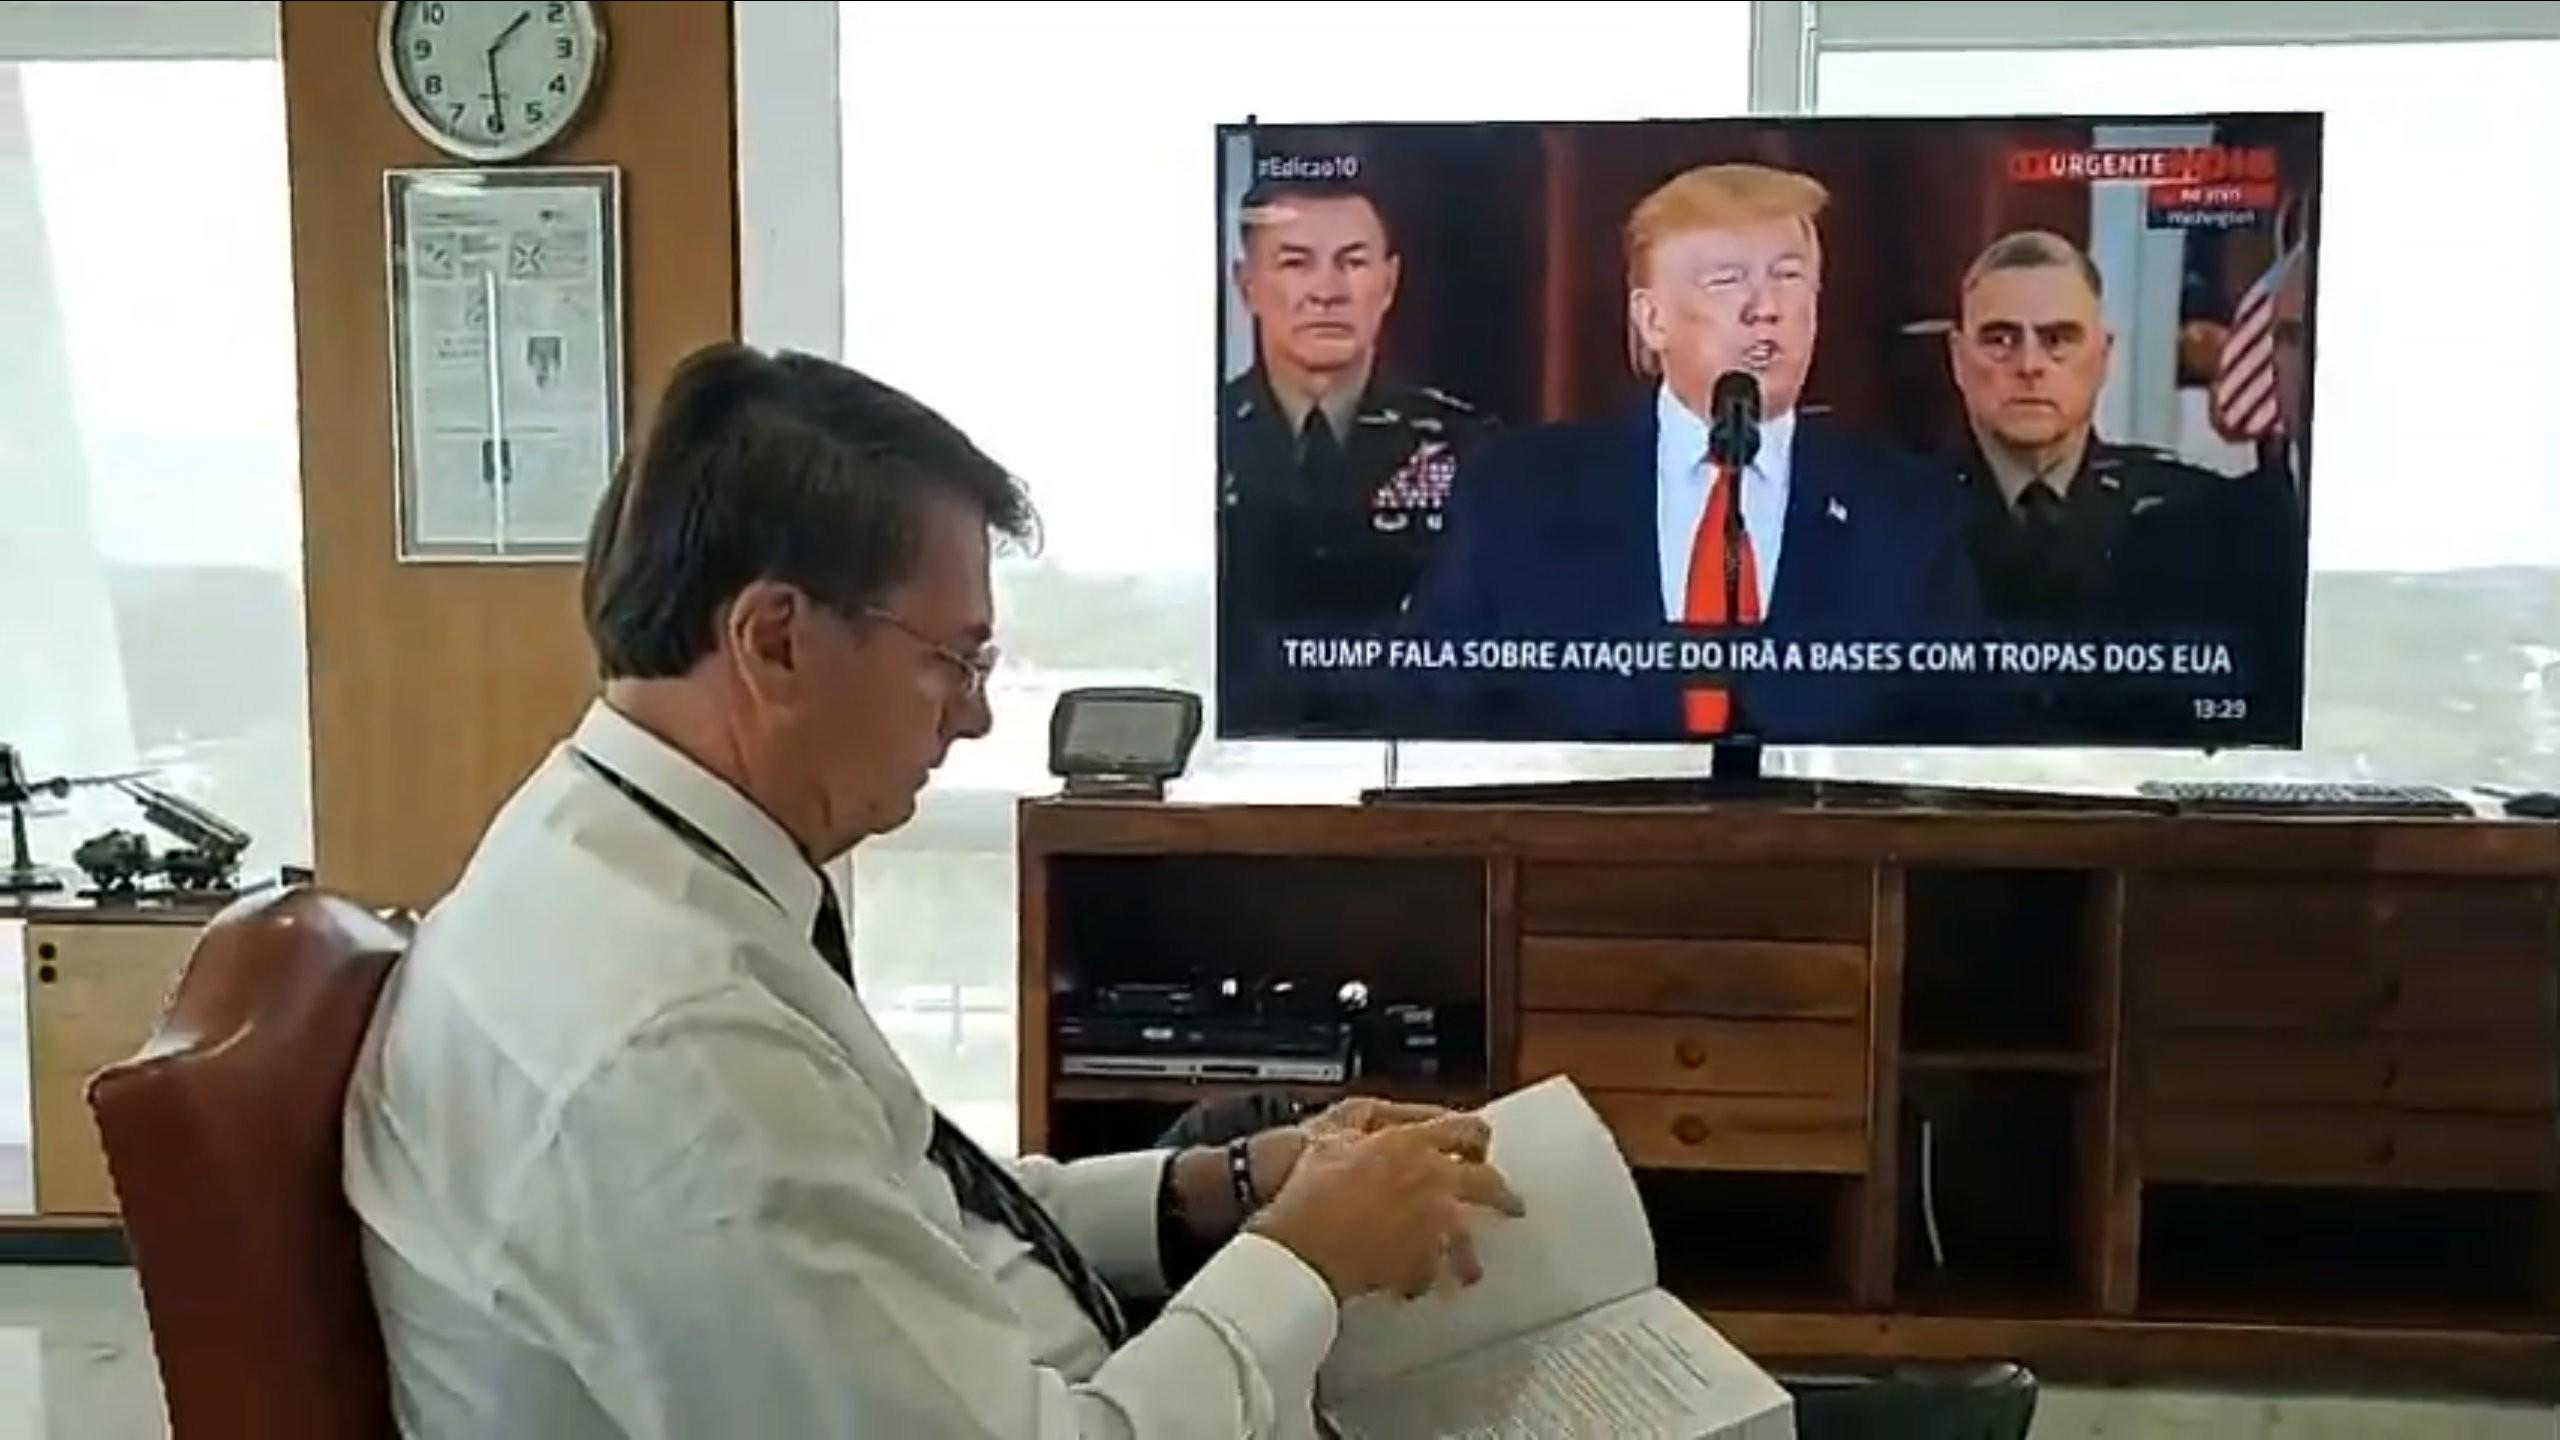 Bolsonaro tenta aliar sua imagem a do presidente americano